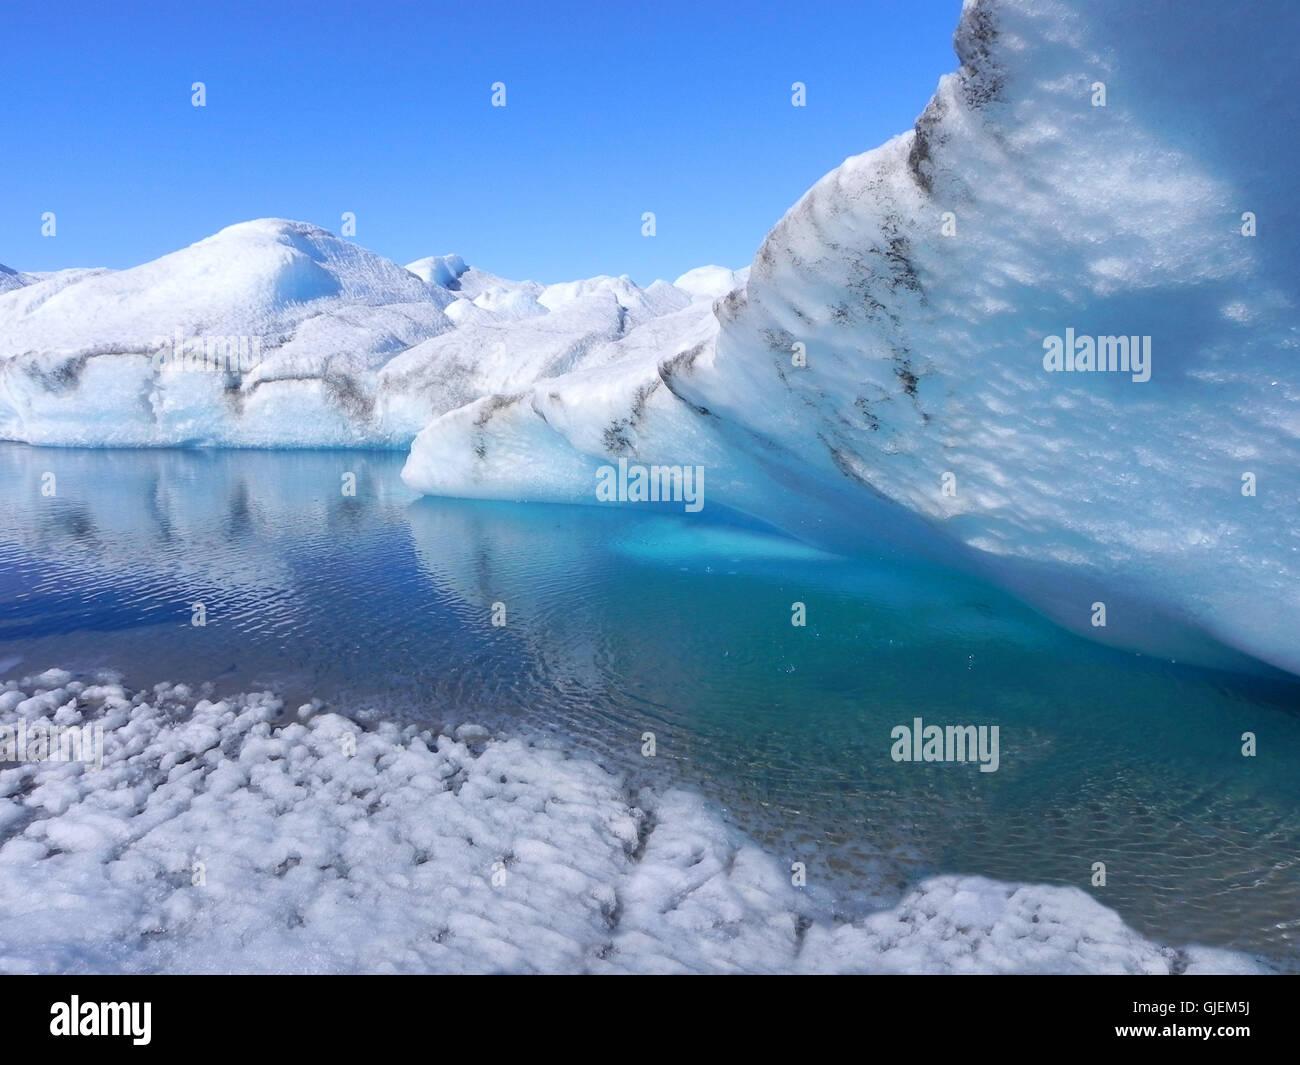 Fusión del hielo en Groenlandia - cueva de hielo con agua azul Imagen De Stock